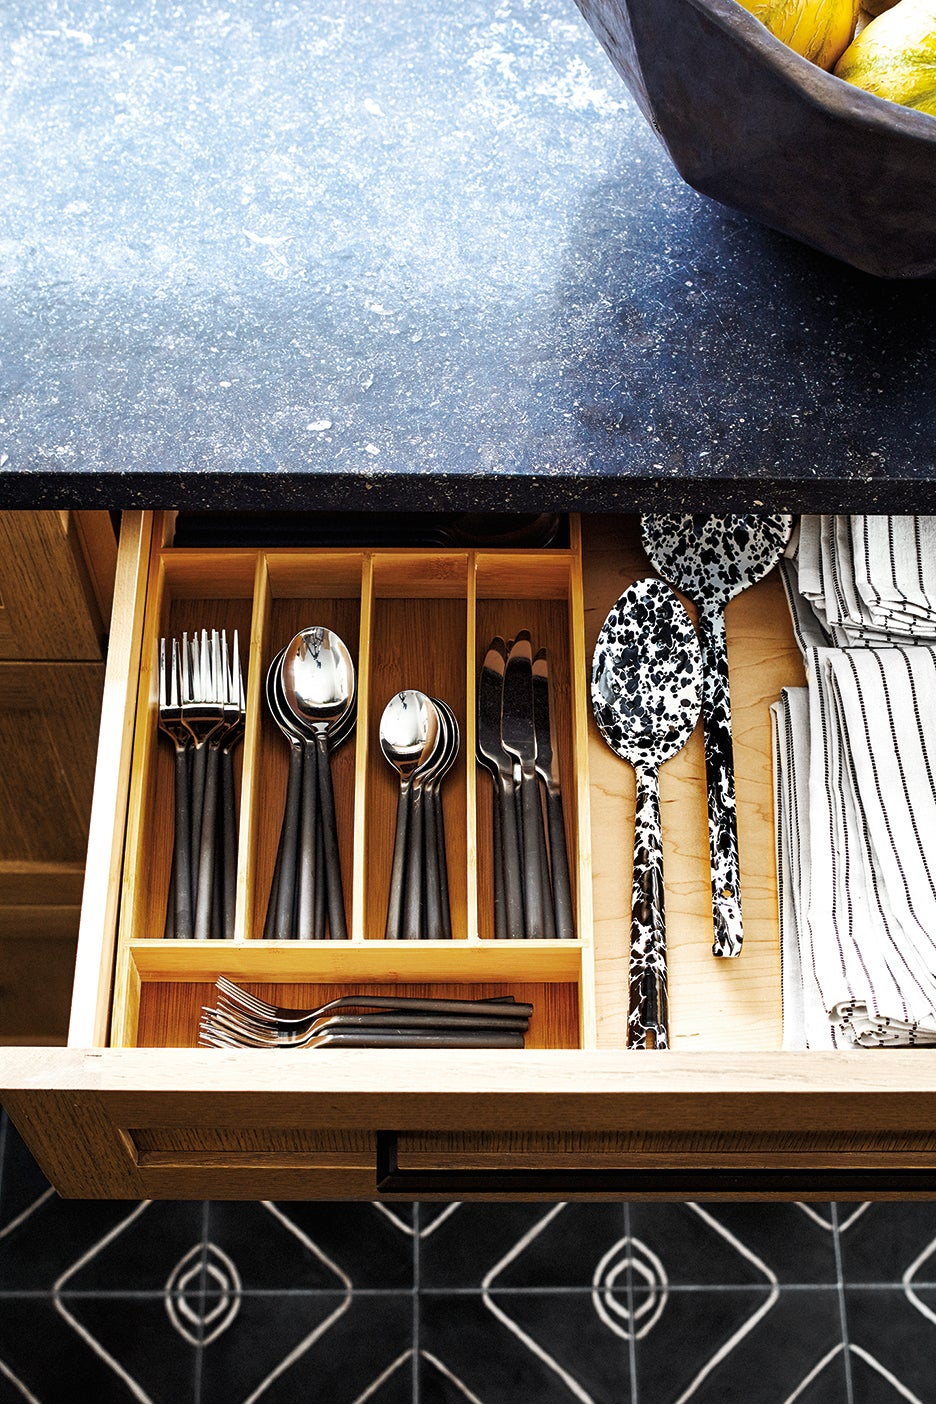 a kitchen drawer